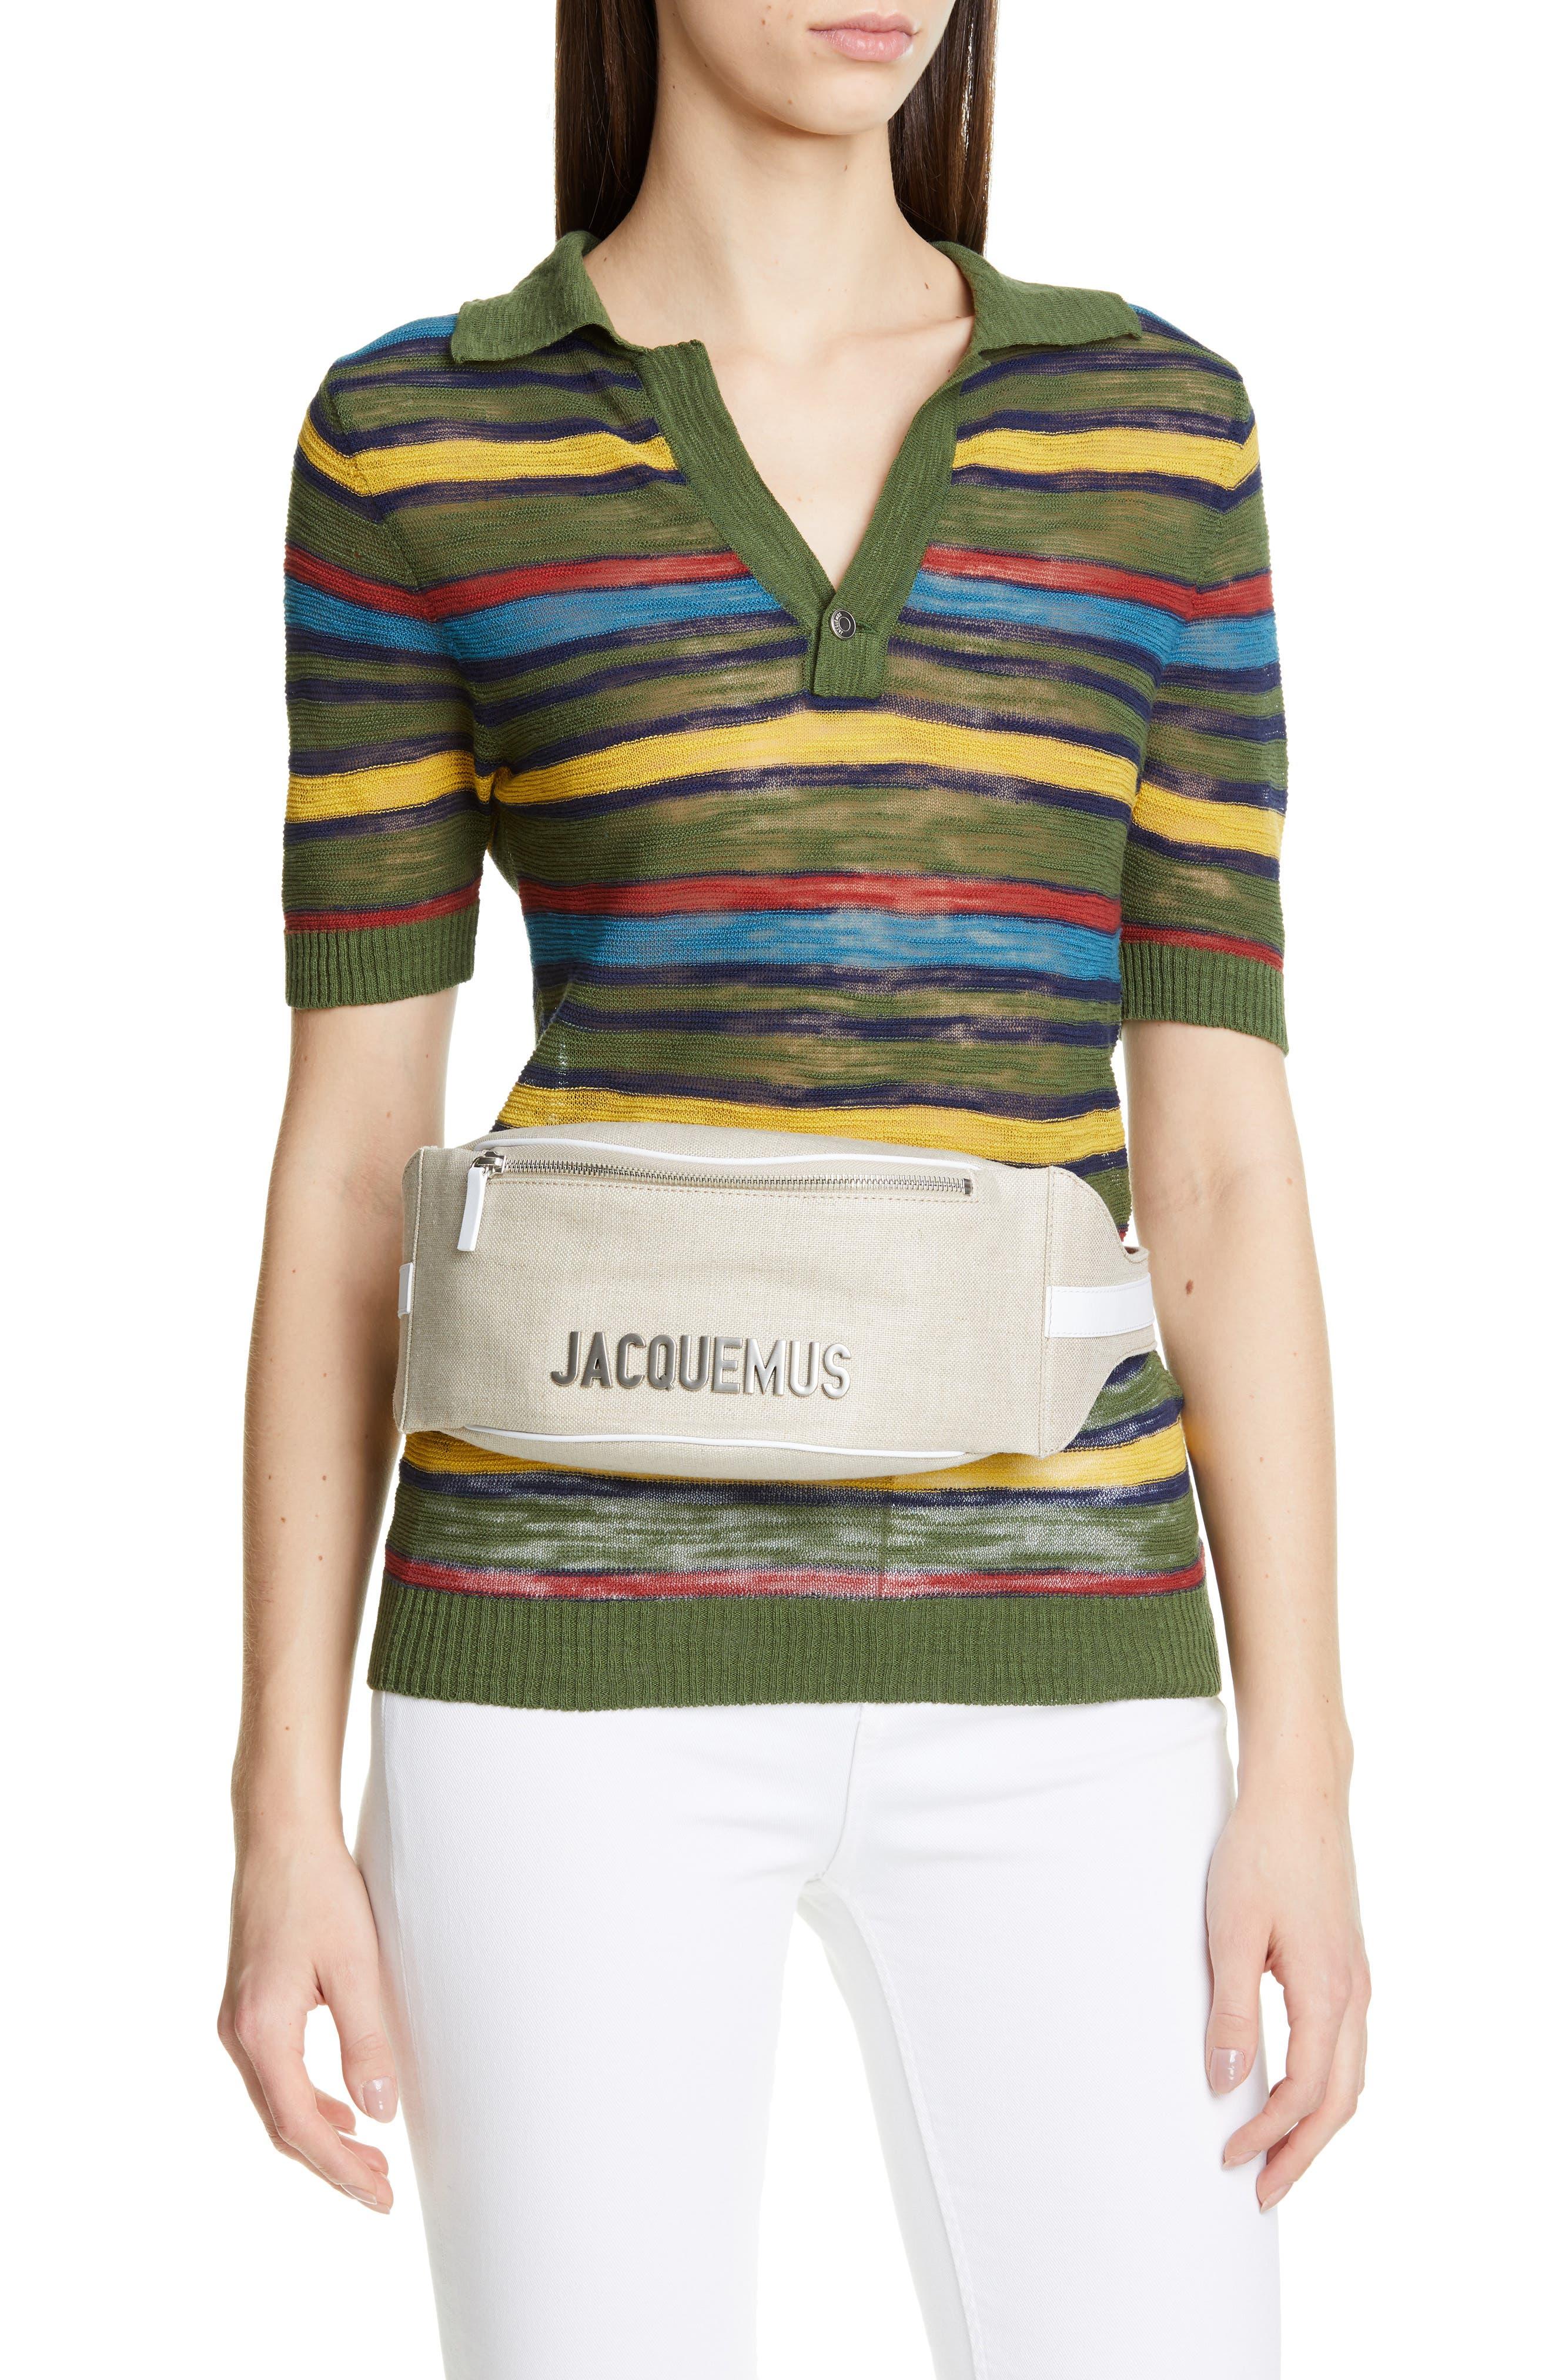 JACQUEMUS, La Banane Belt Bag, Alternate thumbnail 2, color, BEIGE FABRIC